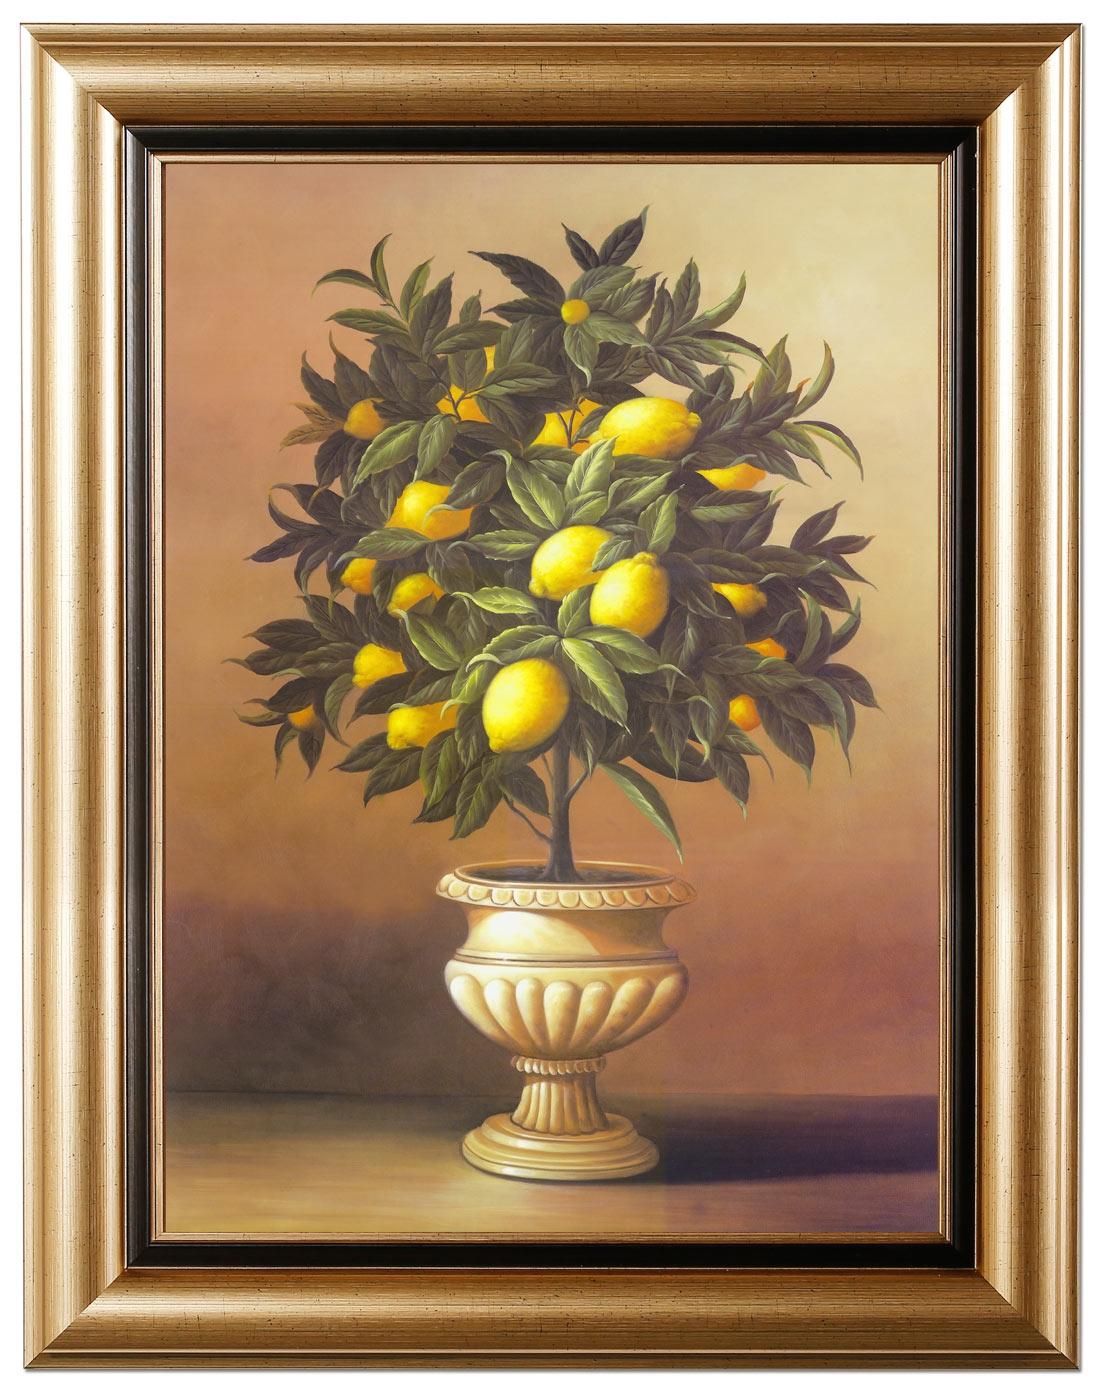 柠檬树lemon tree装饰画专场奢华装饰画两联组合